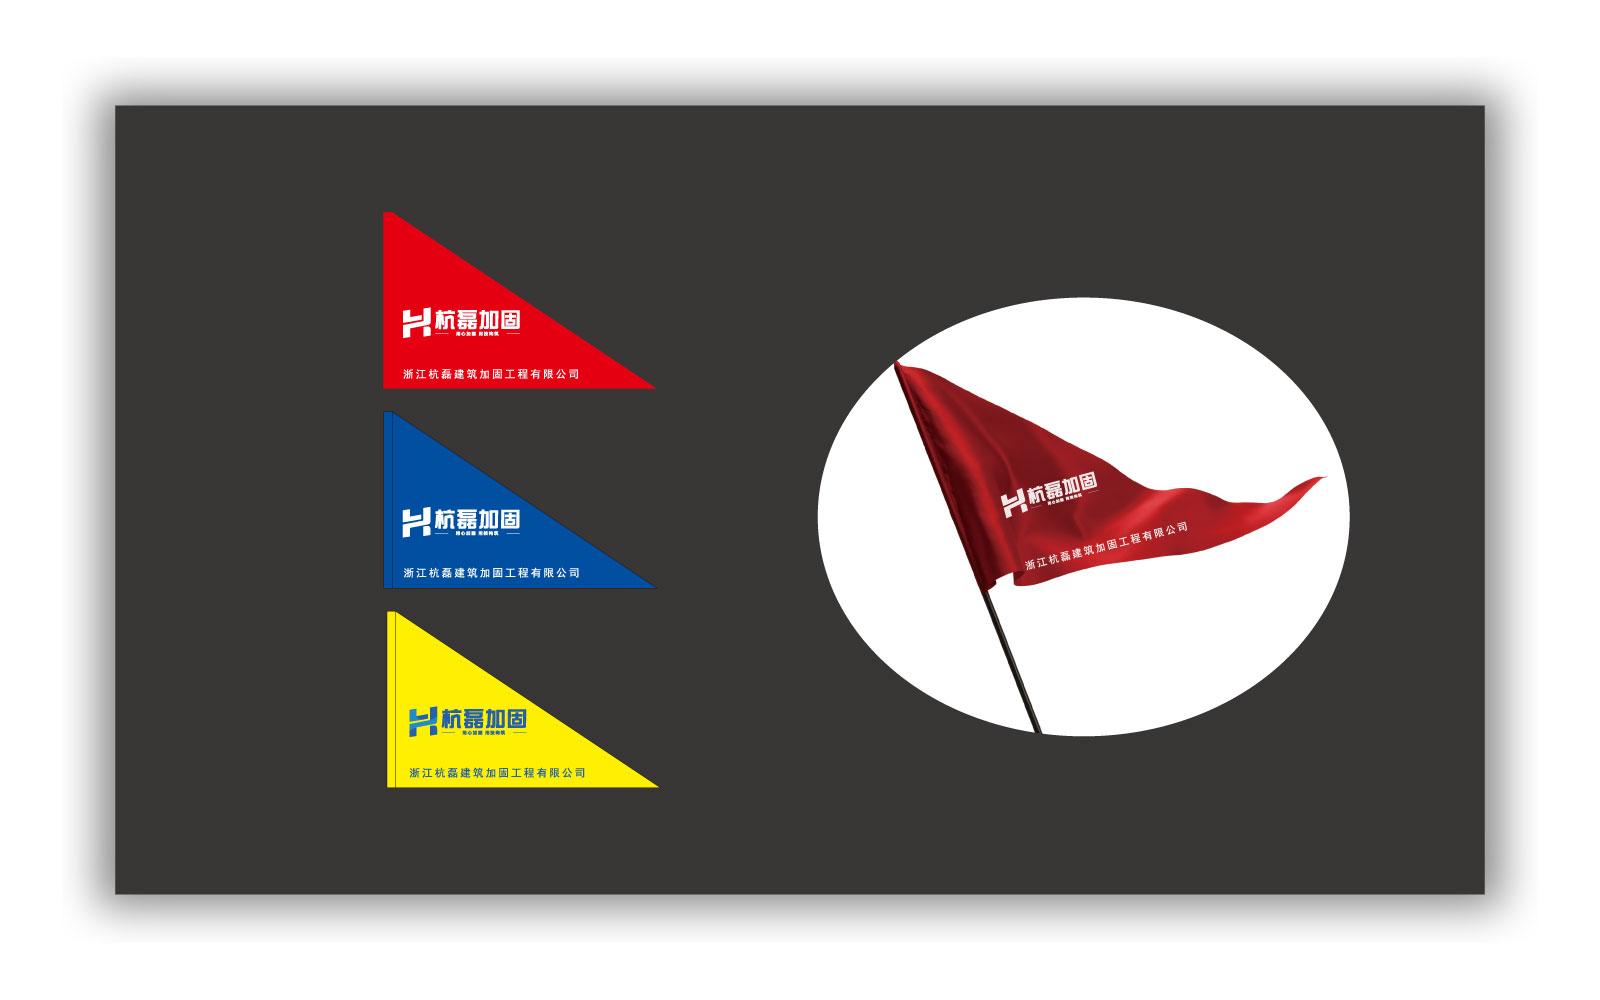 VI设计决定并塑造了品牌与企业的第一视觉形象